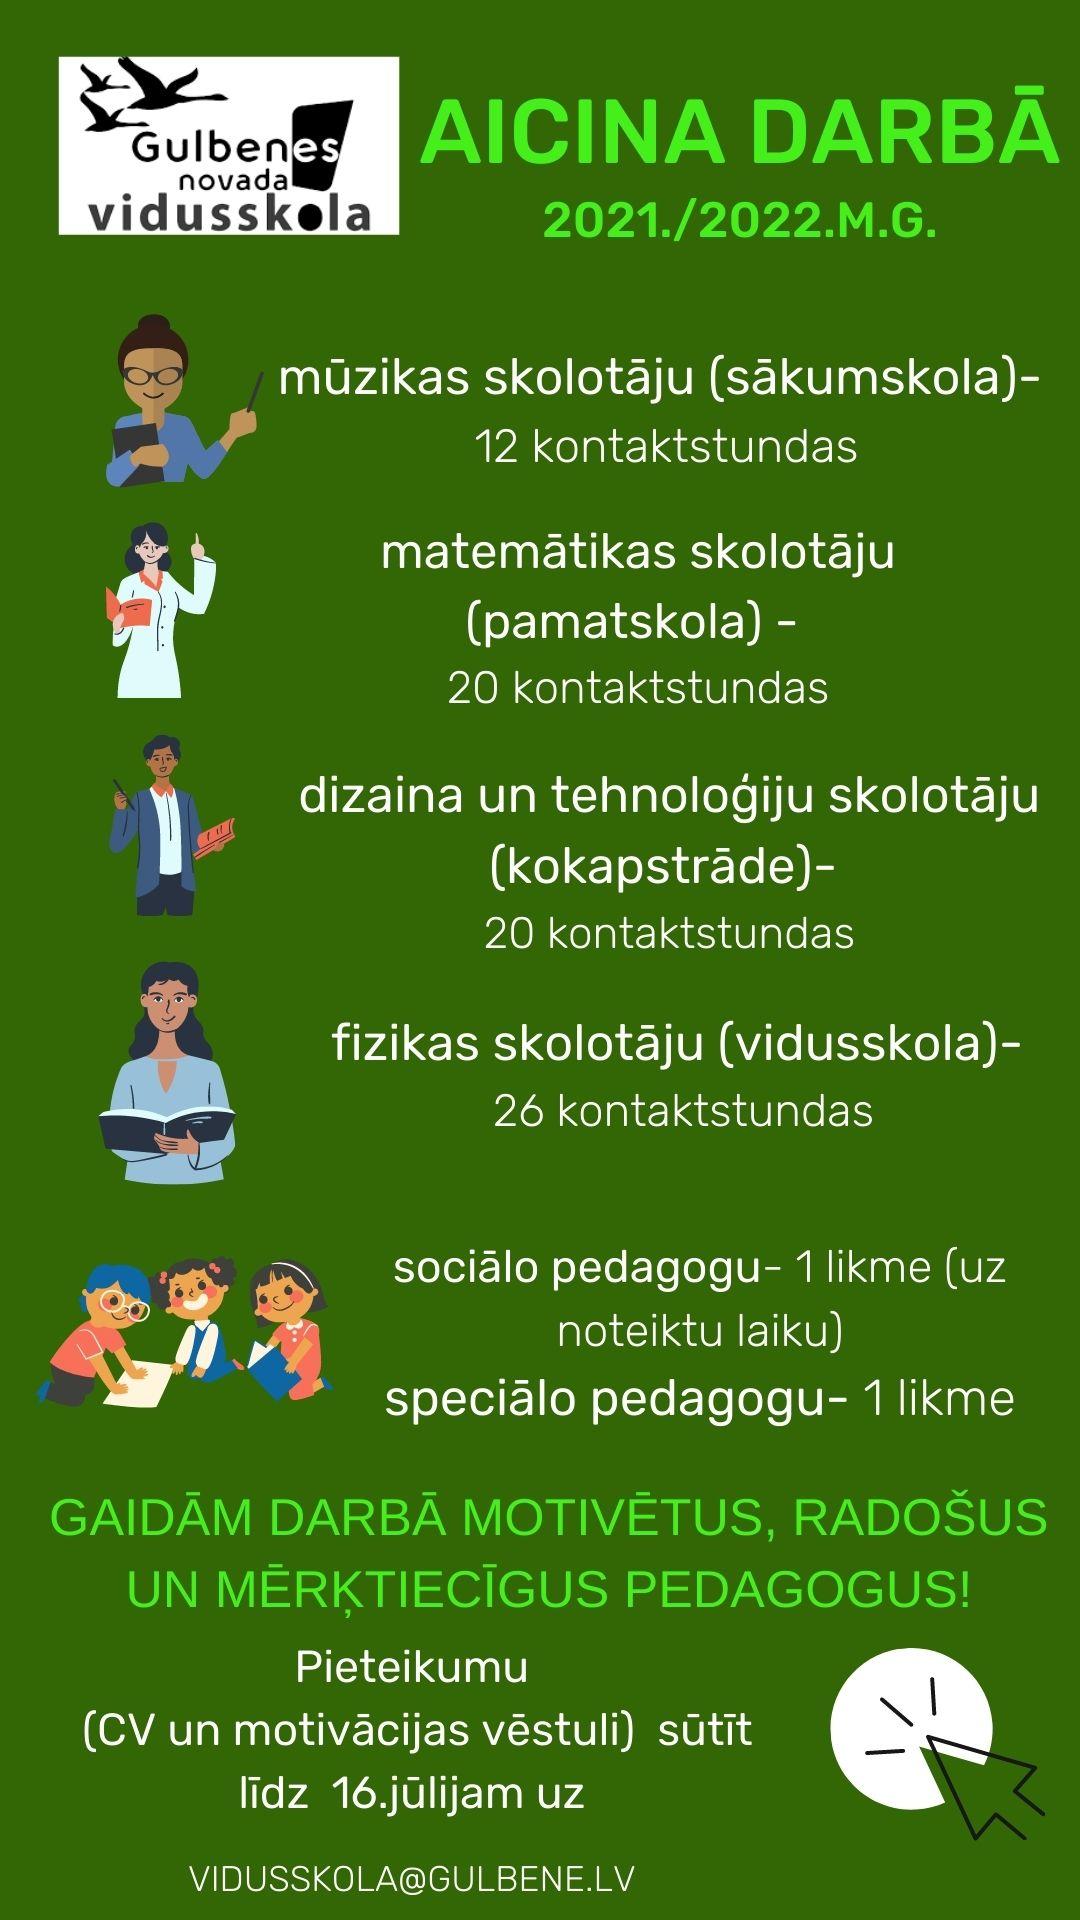 Skolotāju vakances 2021. /2022. mācību gadam